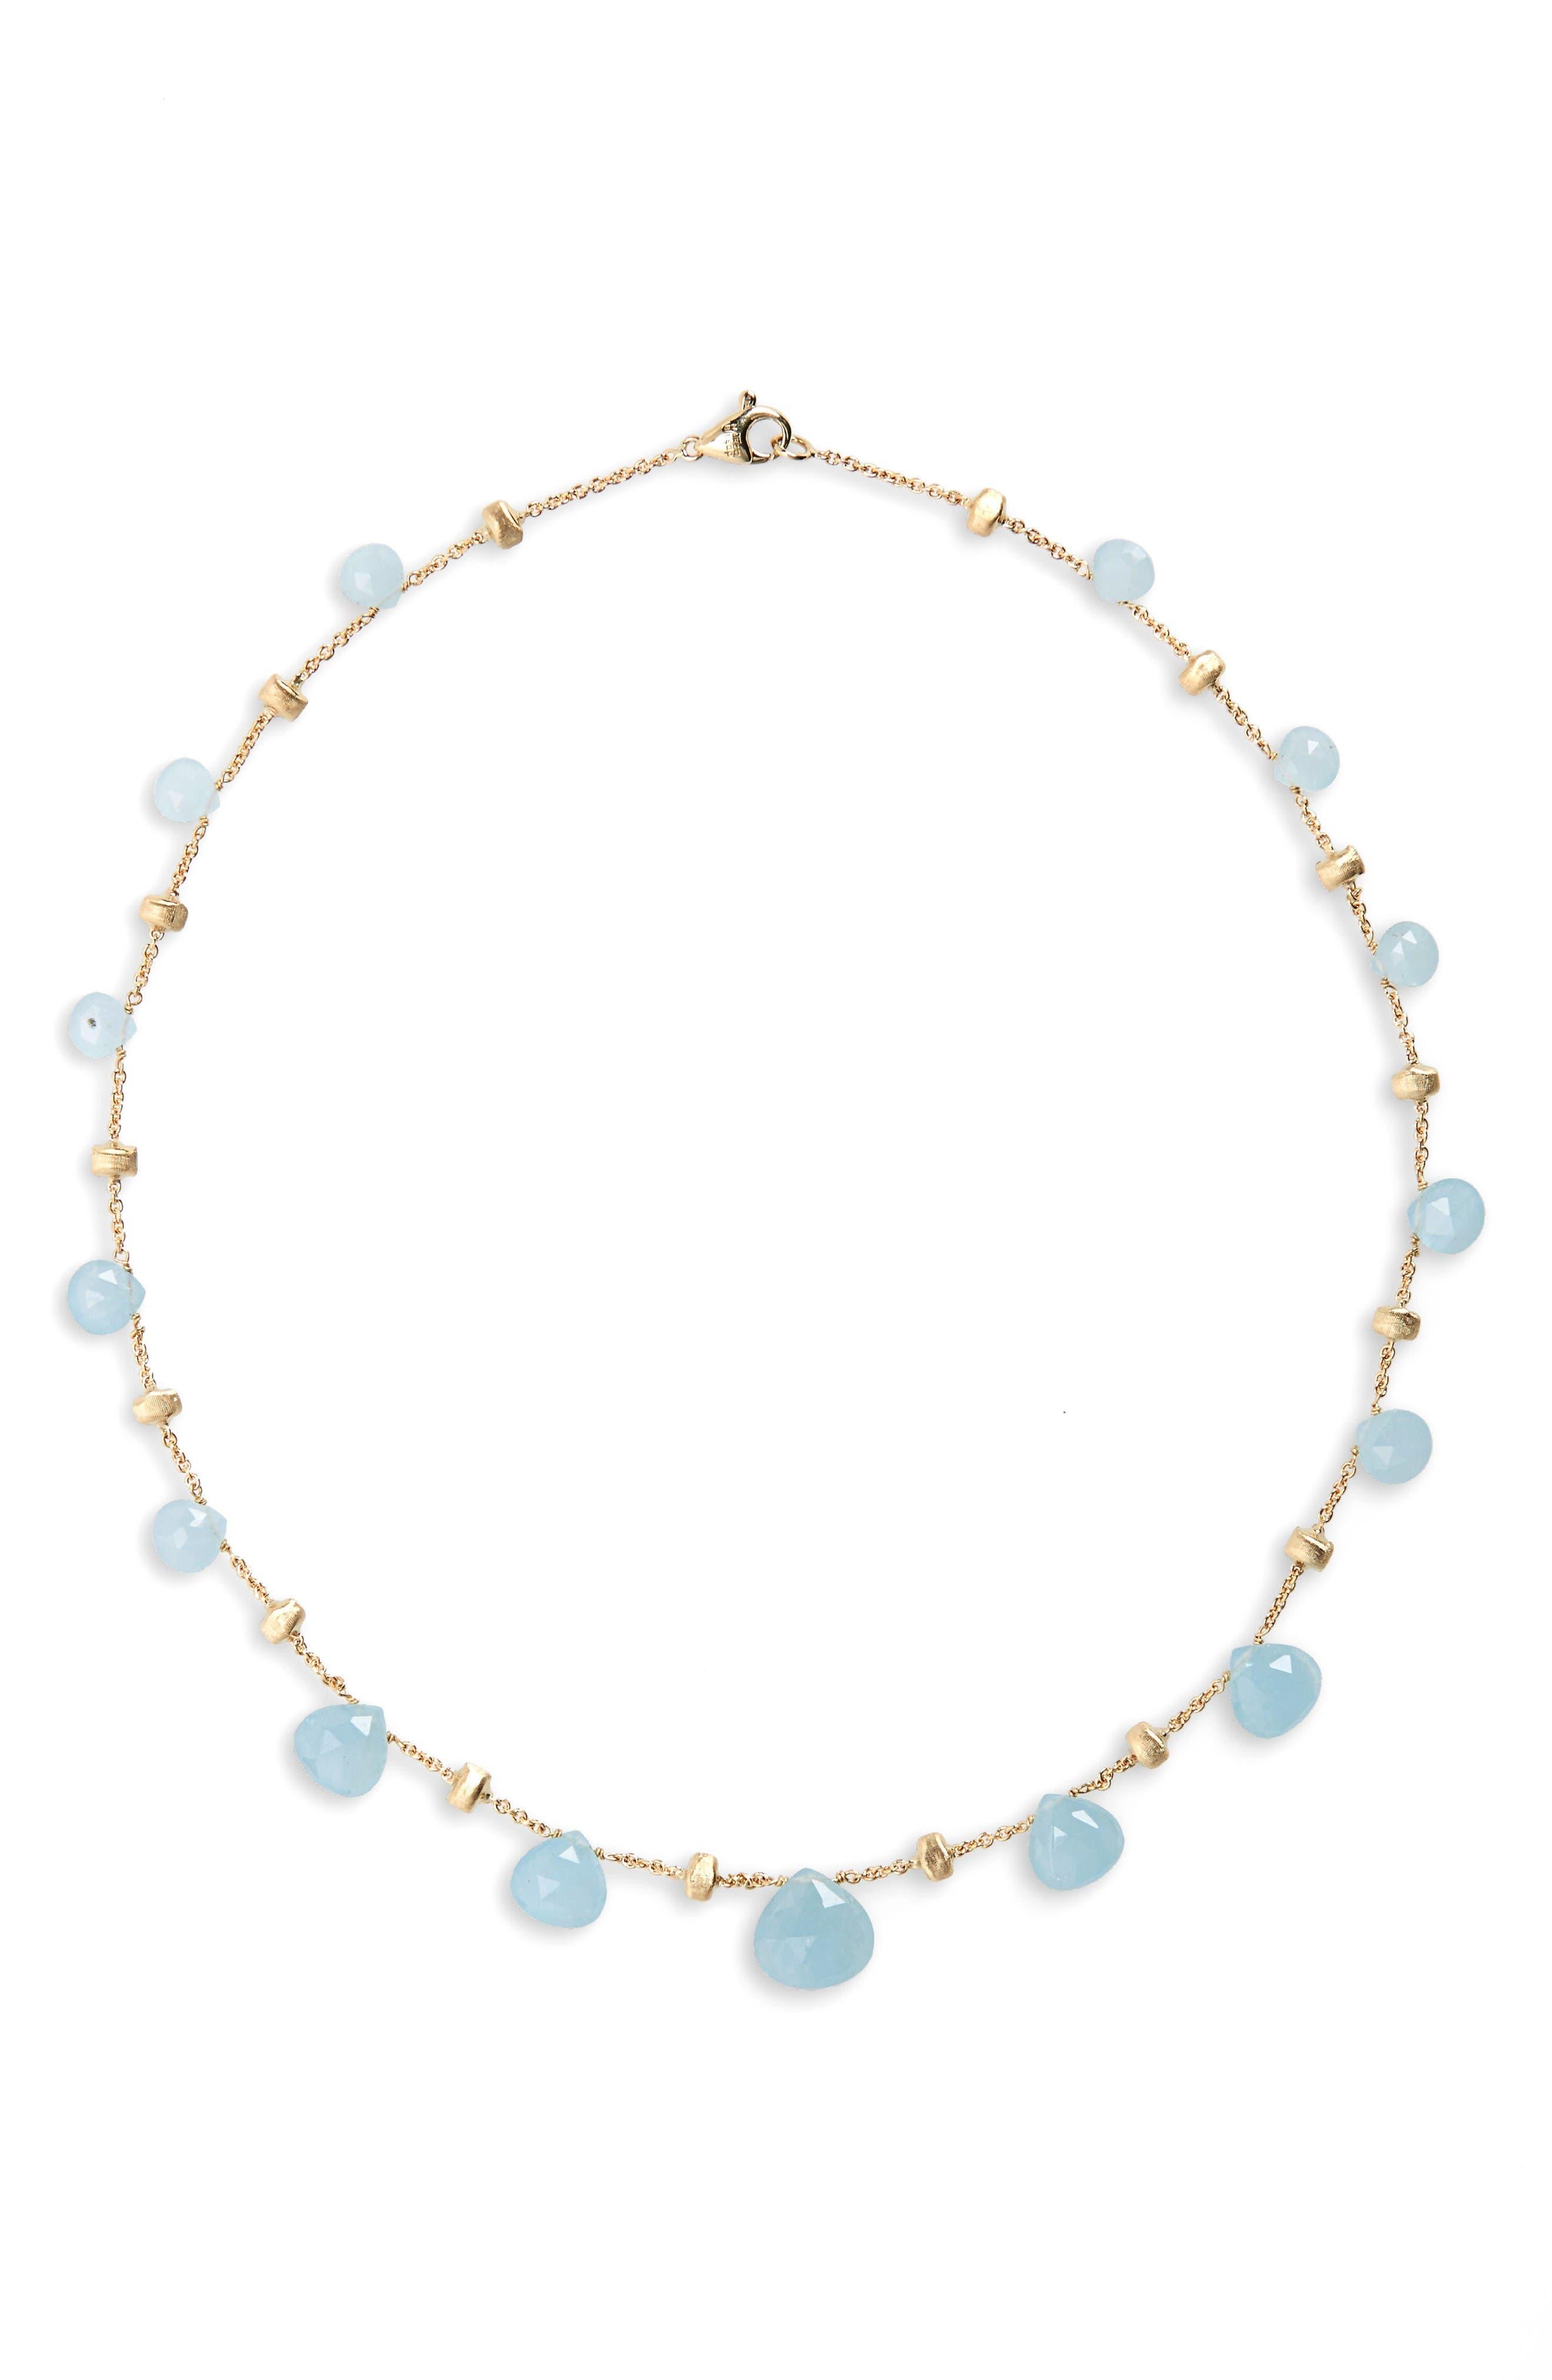 Marco Bicego 'Paradise' Collar Necklace